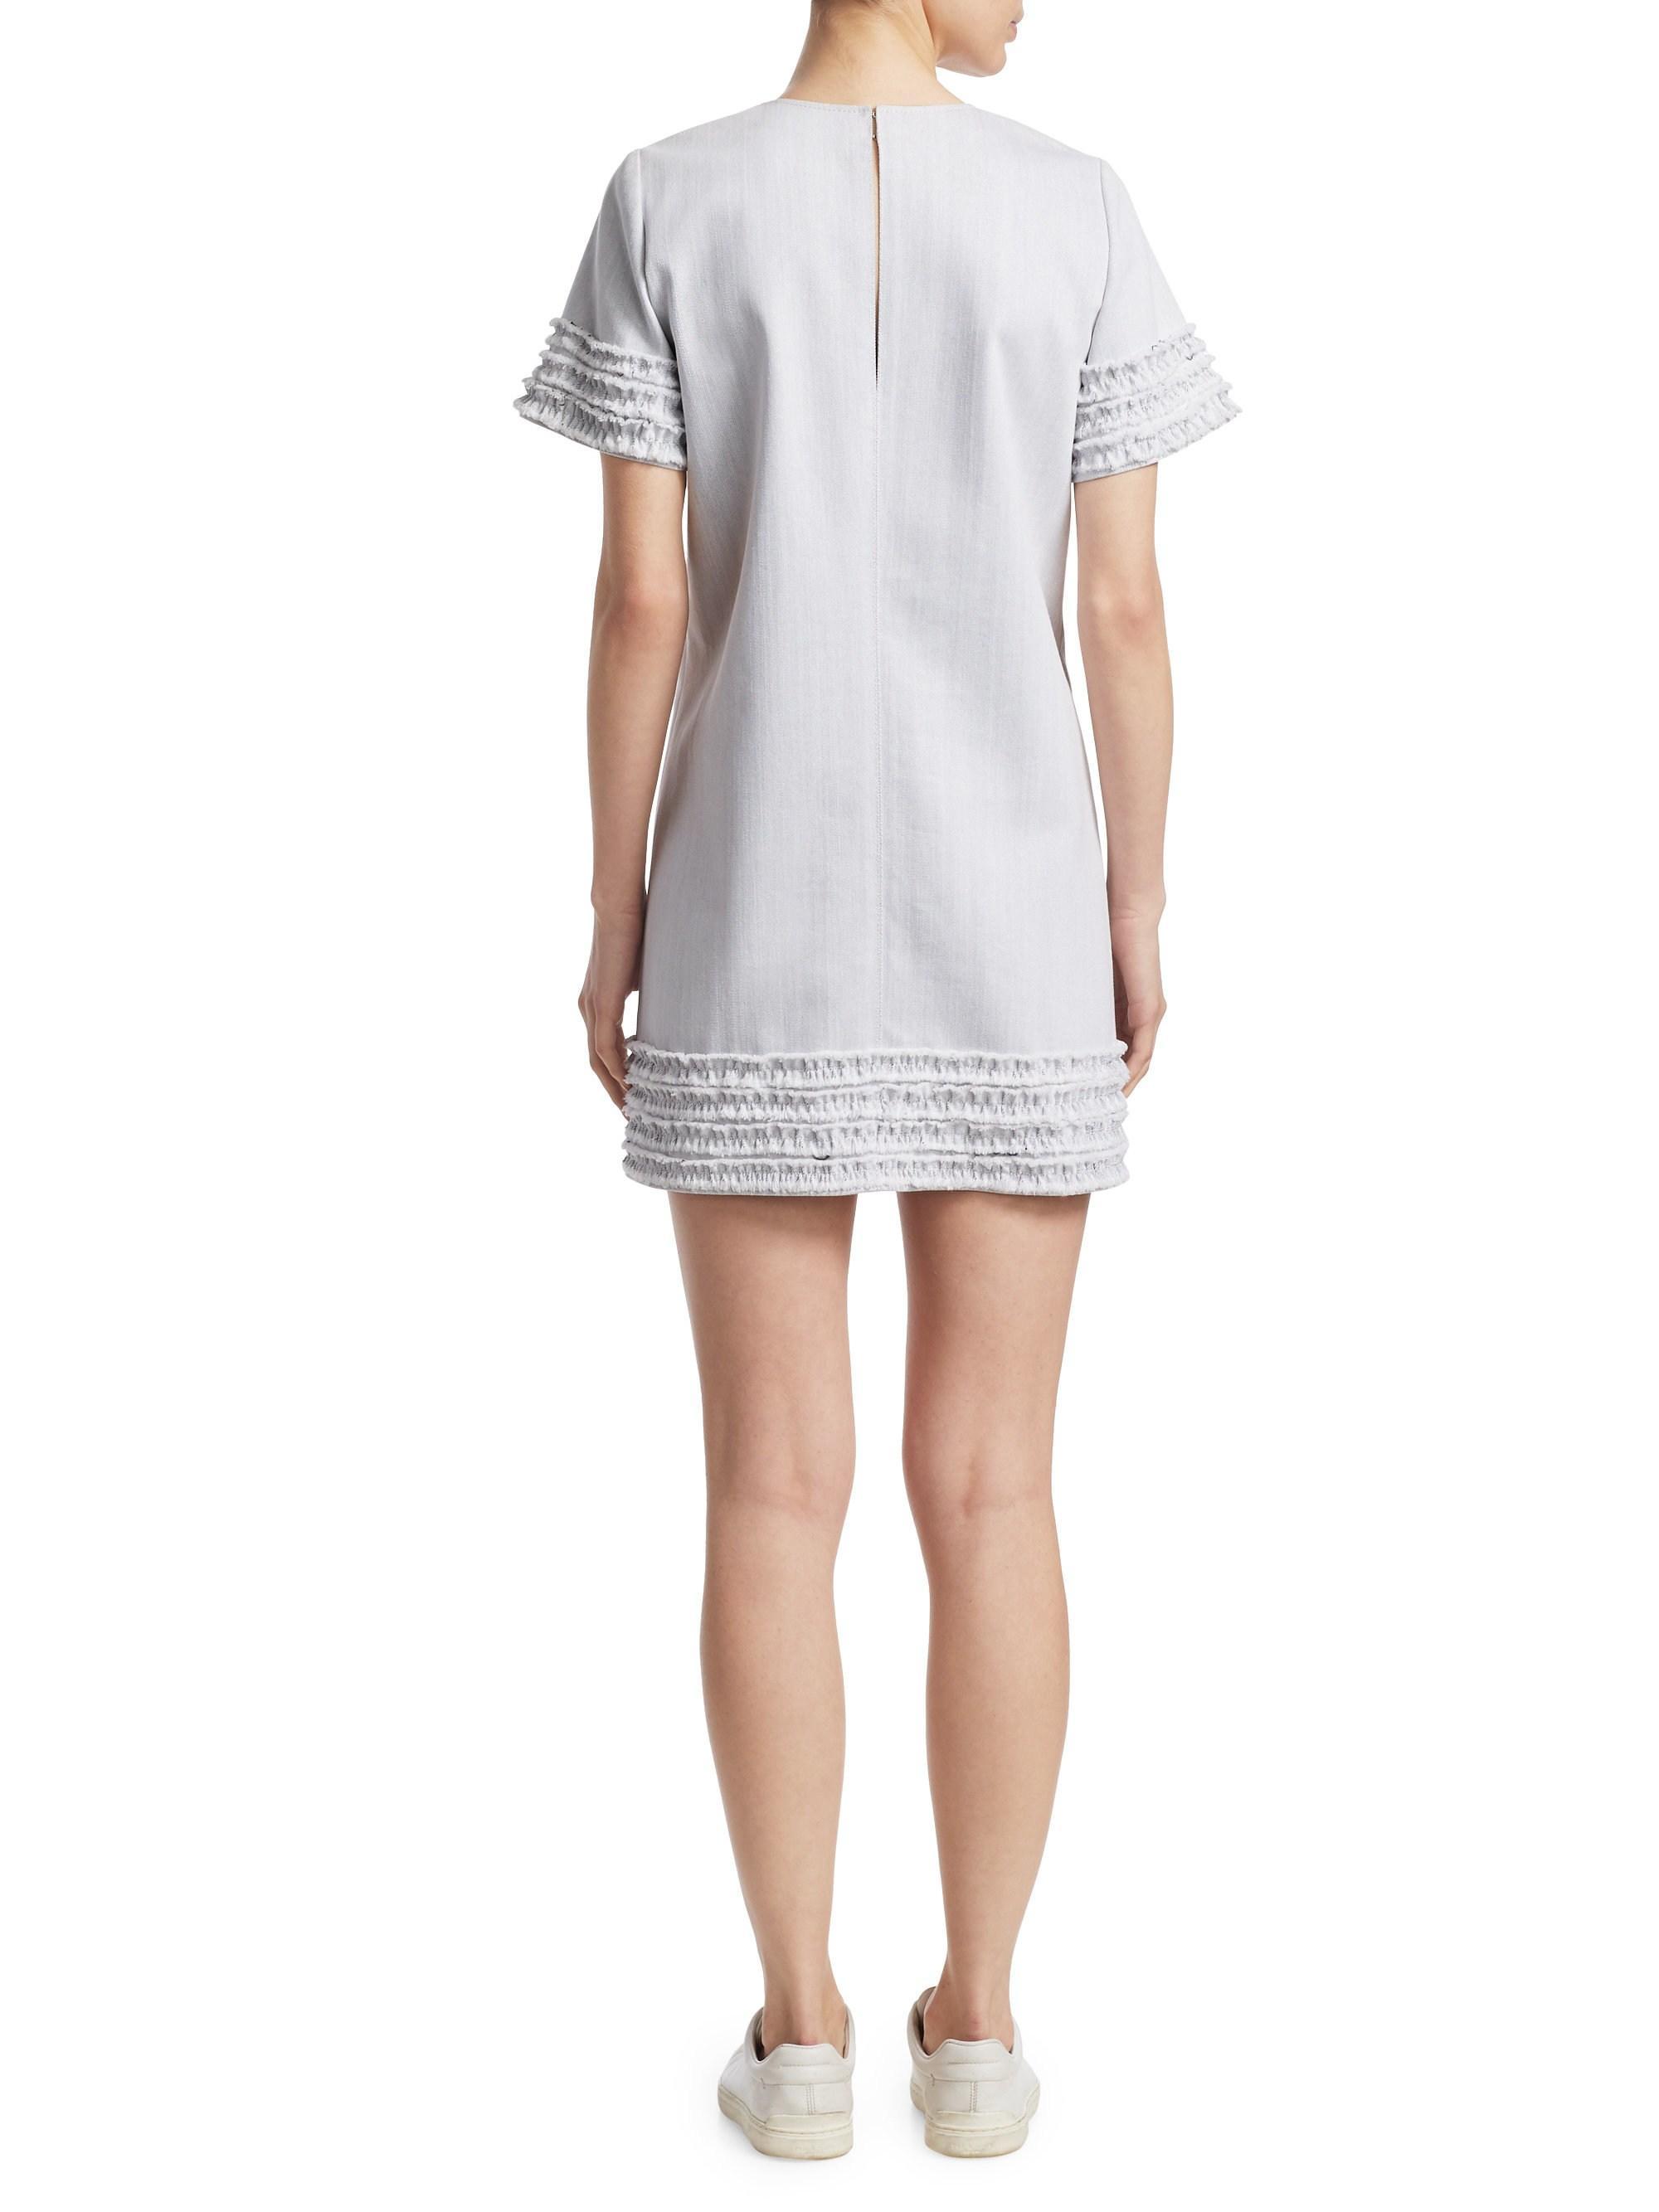 858855d6e8 Cinq À Sept Ashton Denim Shift Dress in White - Lyst